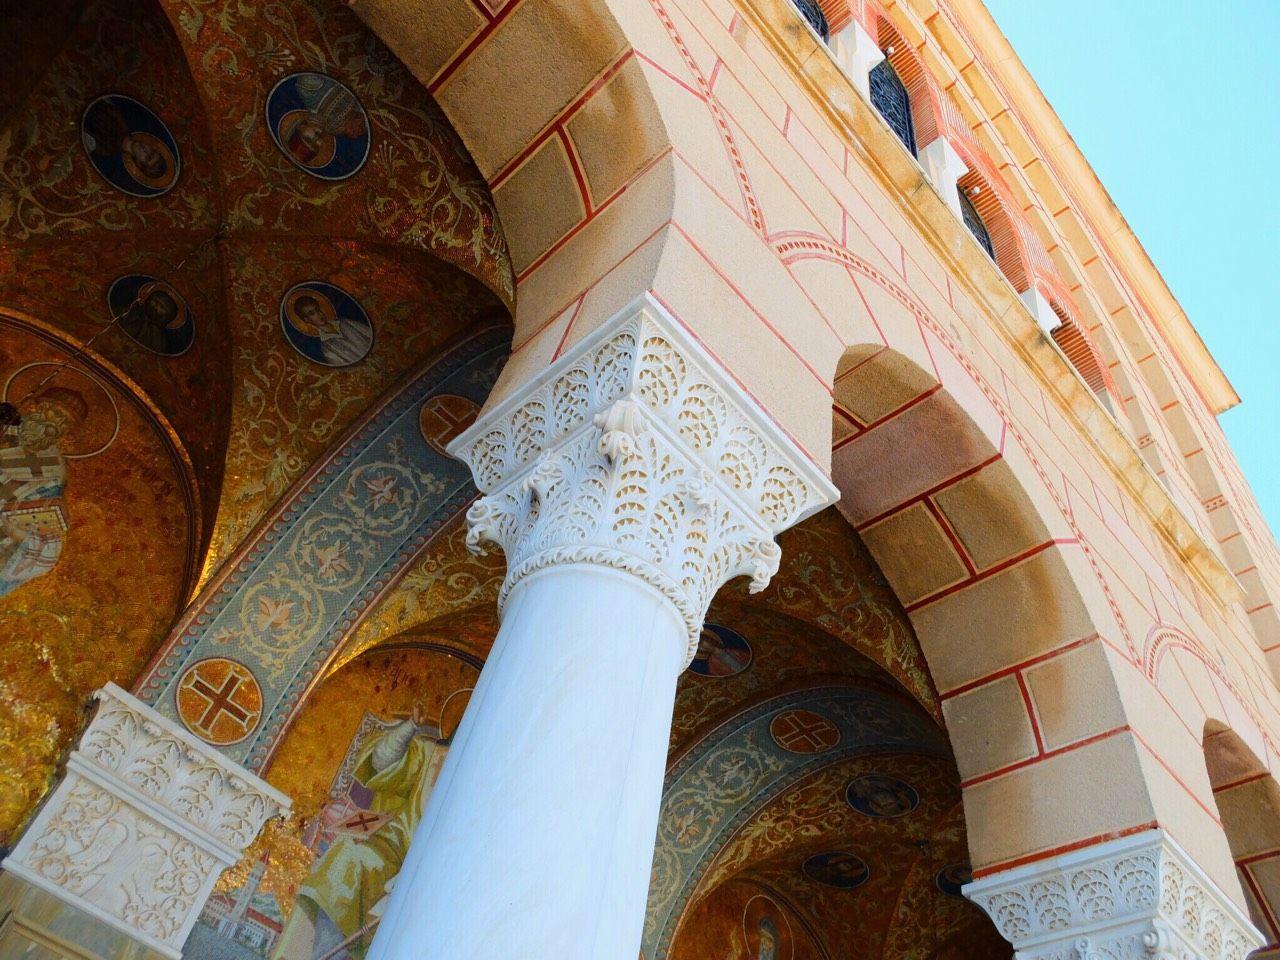 モザイクの色使いが美しすぎる!ギリシャ正教の教会